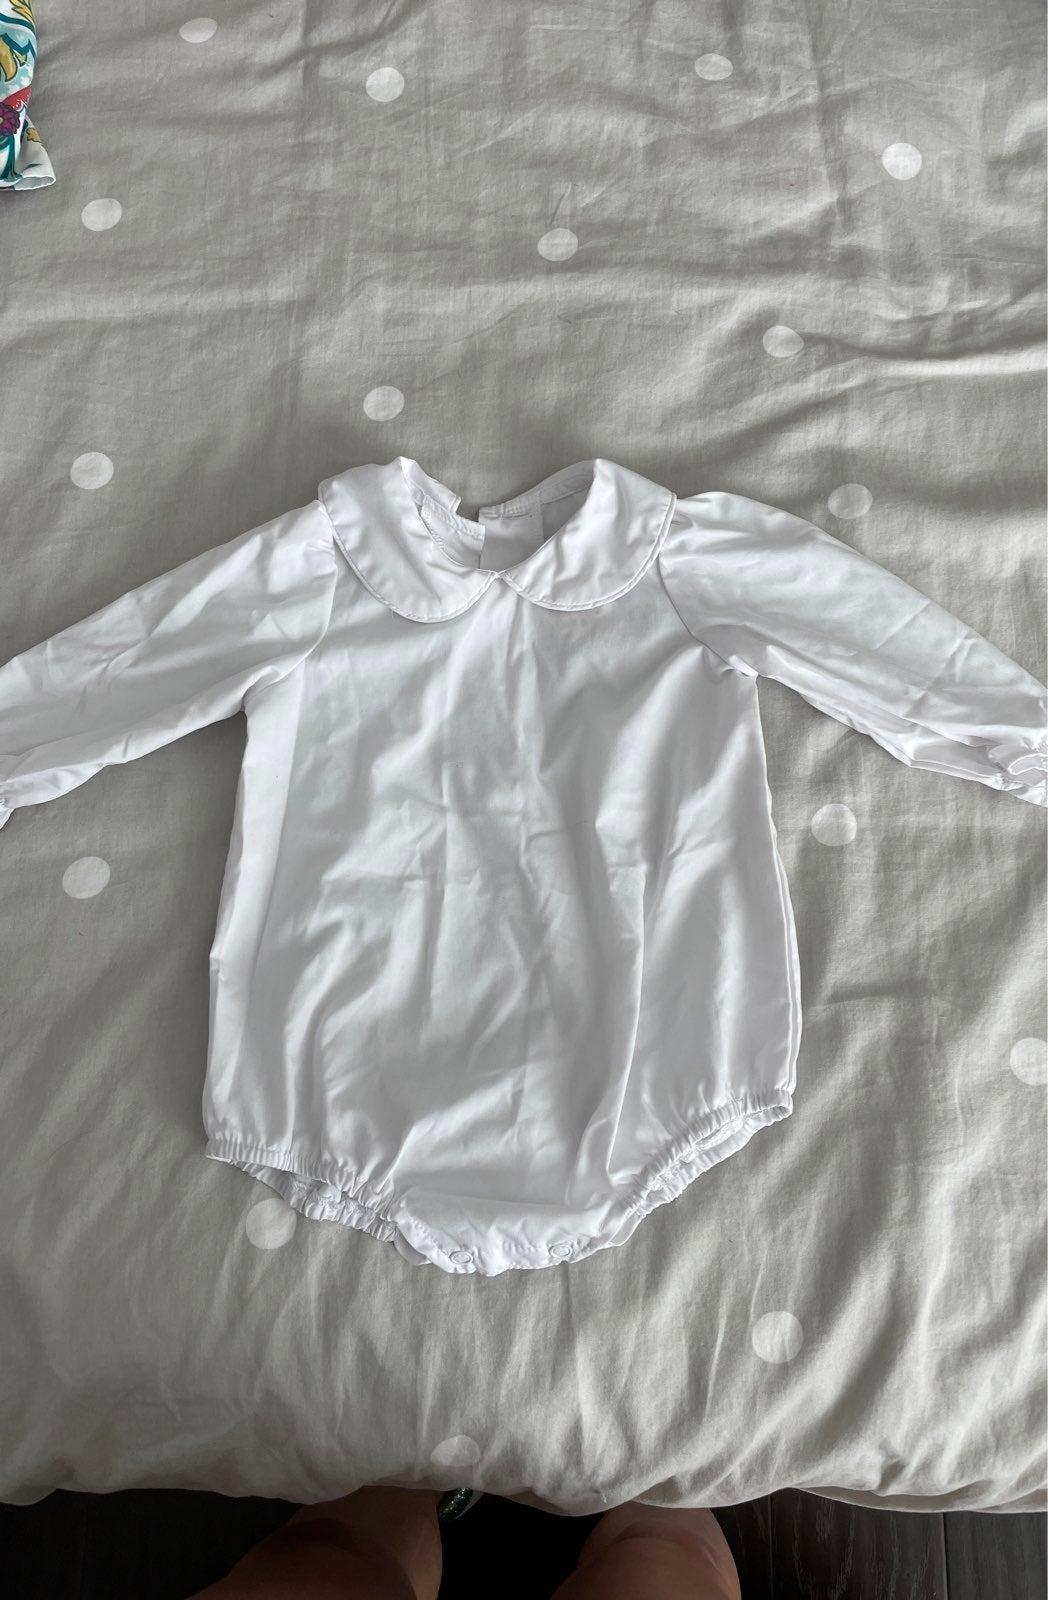 Beaufort bonnet Maudes shirt 6-12mo